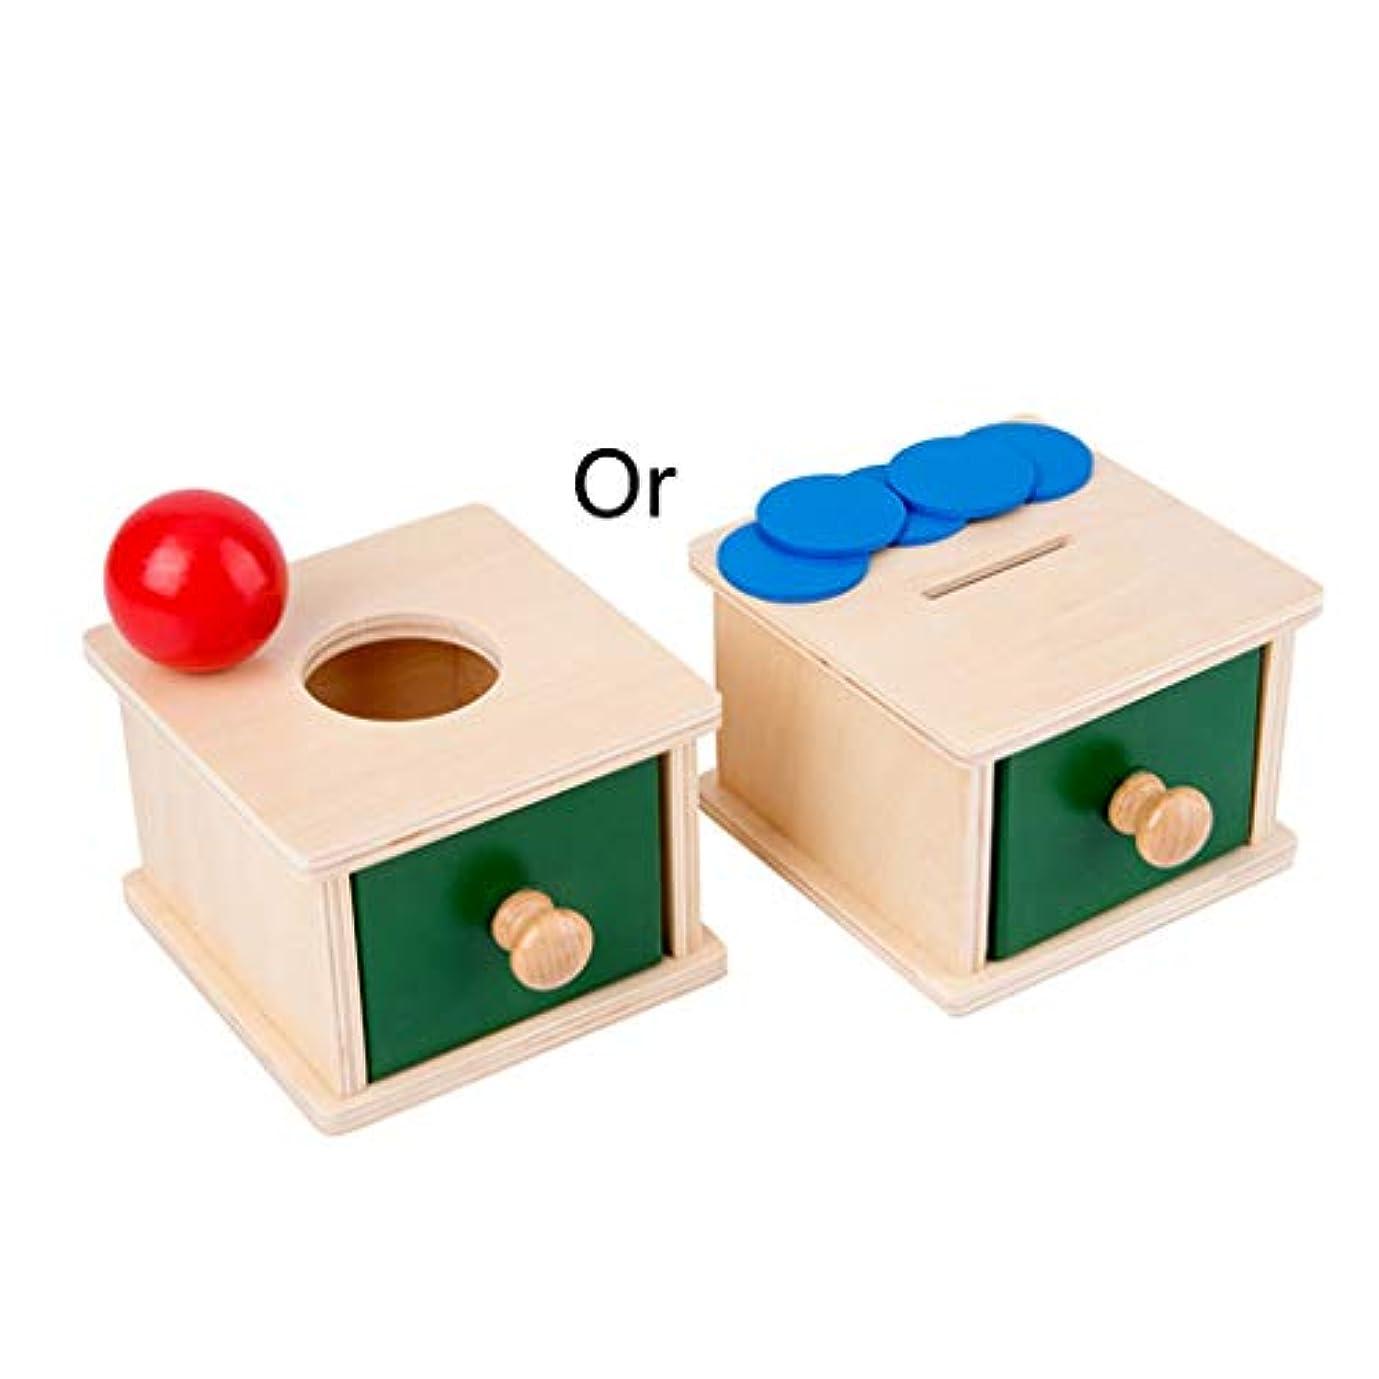 トーンアジテーション助けてJAGETRADE 幼児幼児木製コインボールマッチングボックスモンテッソーリツール赤ちゃんの子供のため